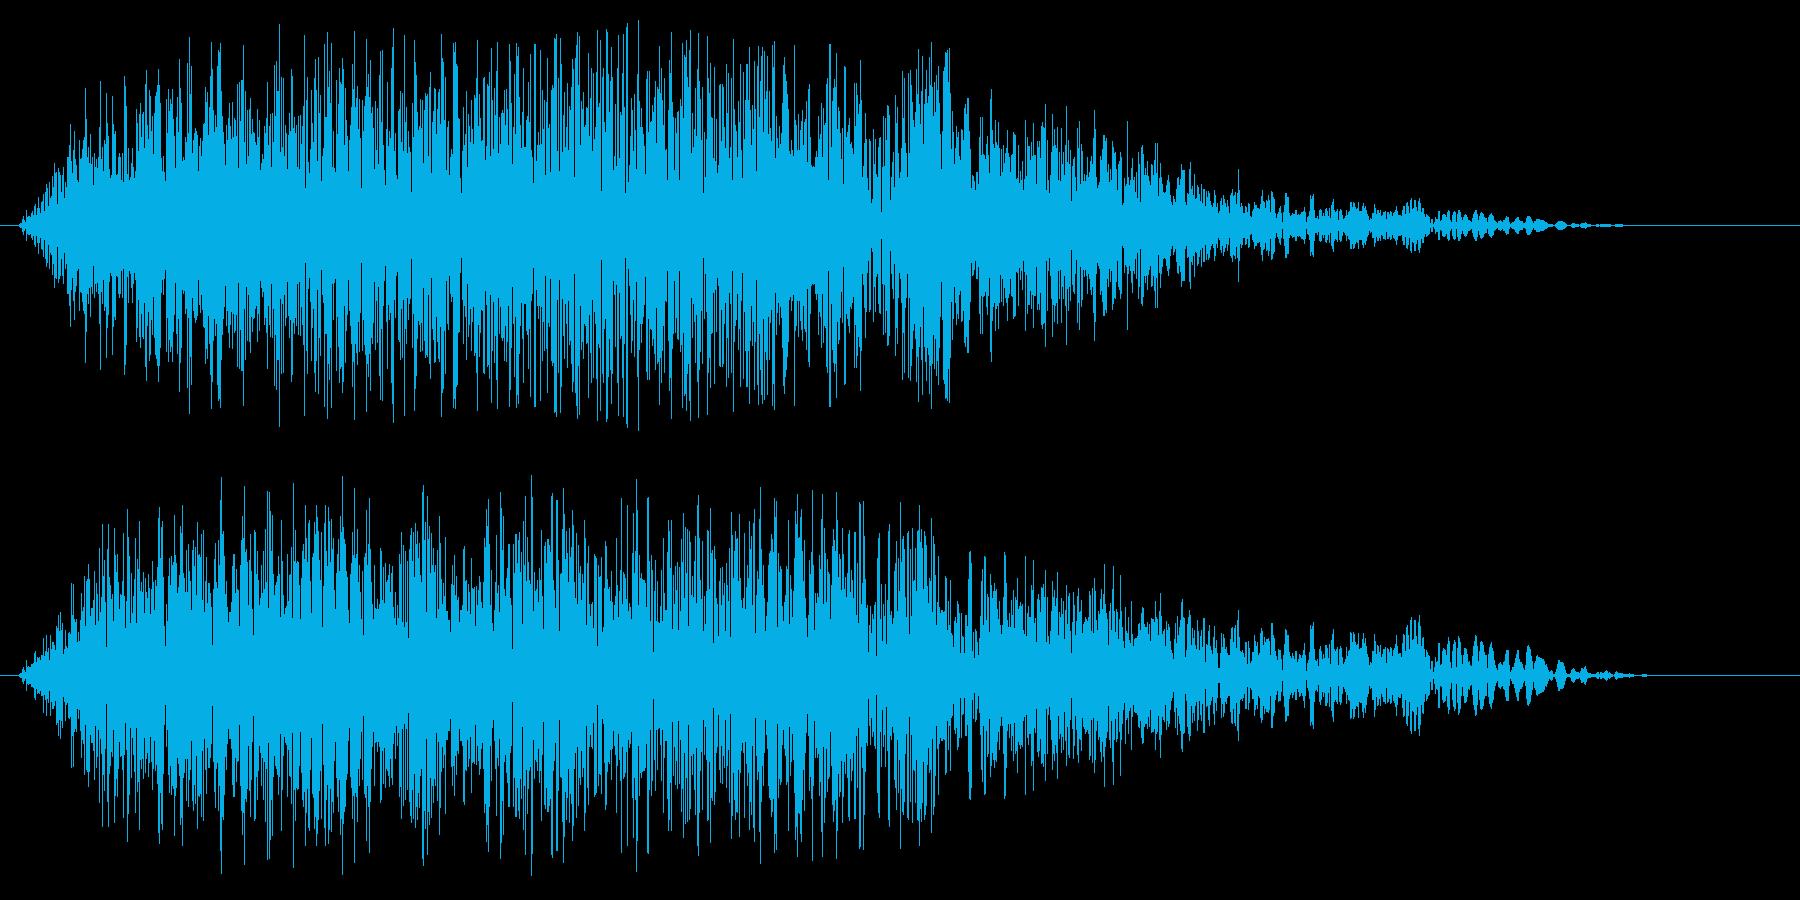 ニュースのオープニングの効果音(速い)の再生済みの波形